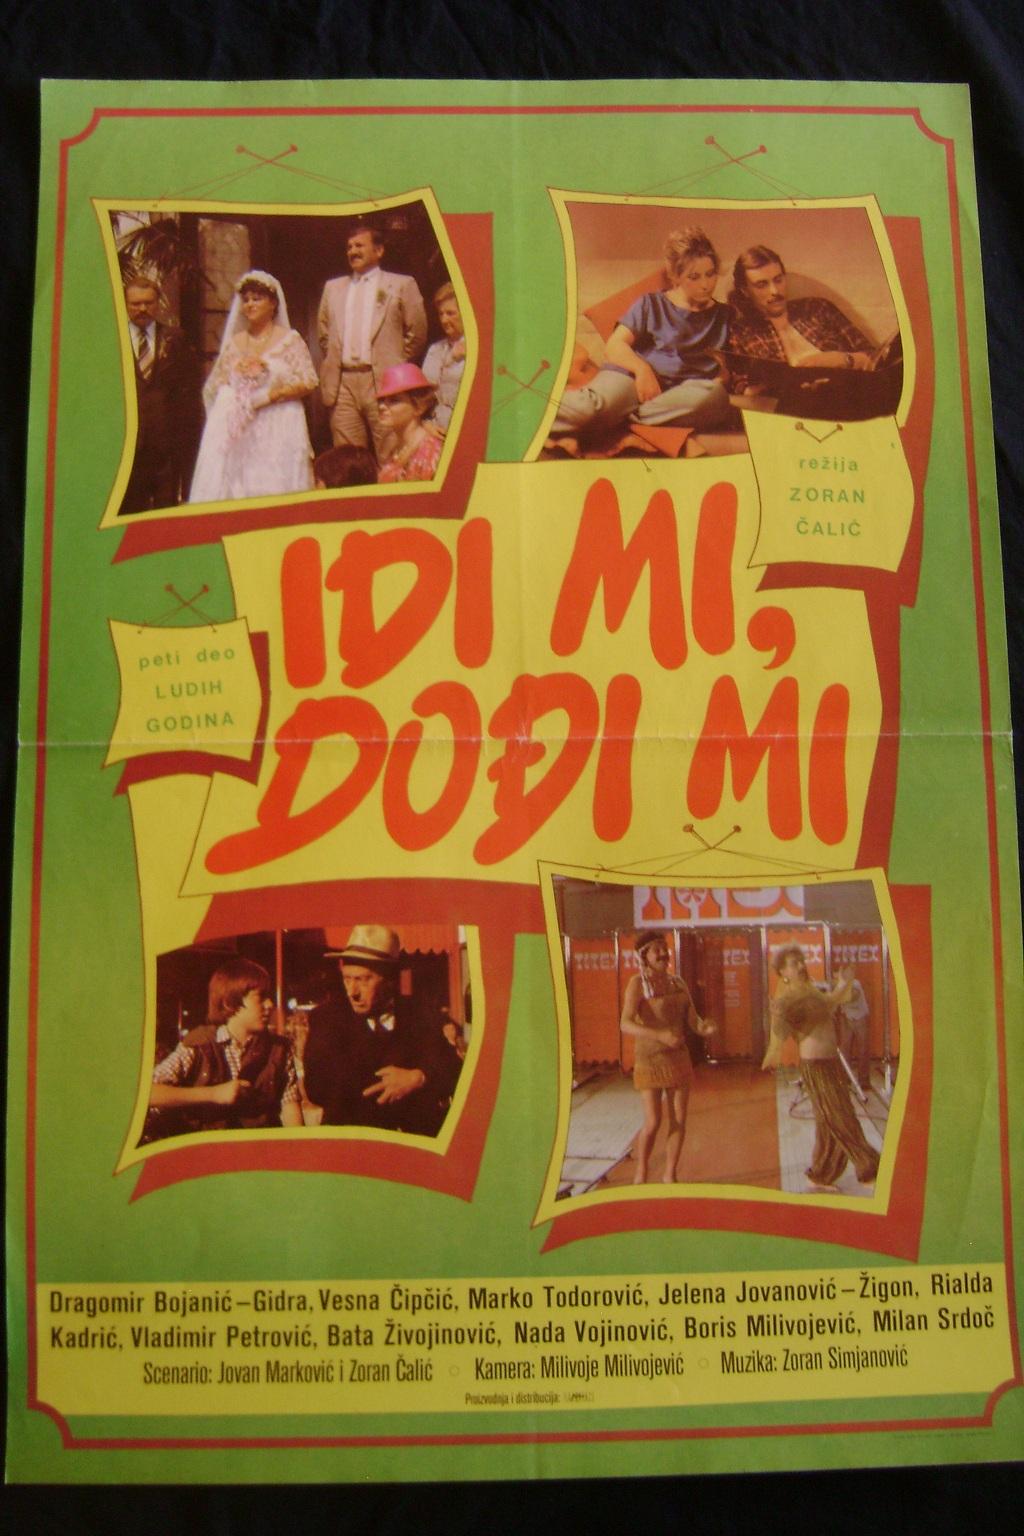 Filmski_poster_IDI_MI_DOĐI_MI_1983__1.JPG